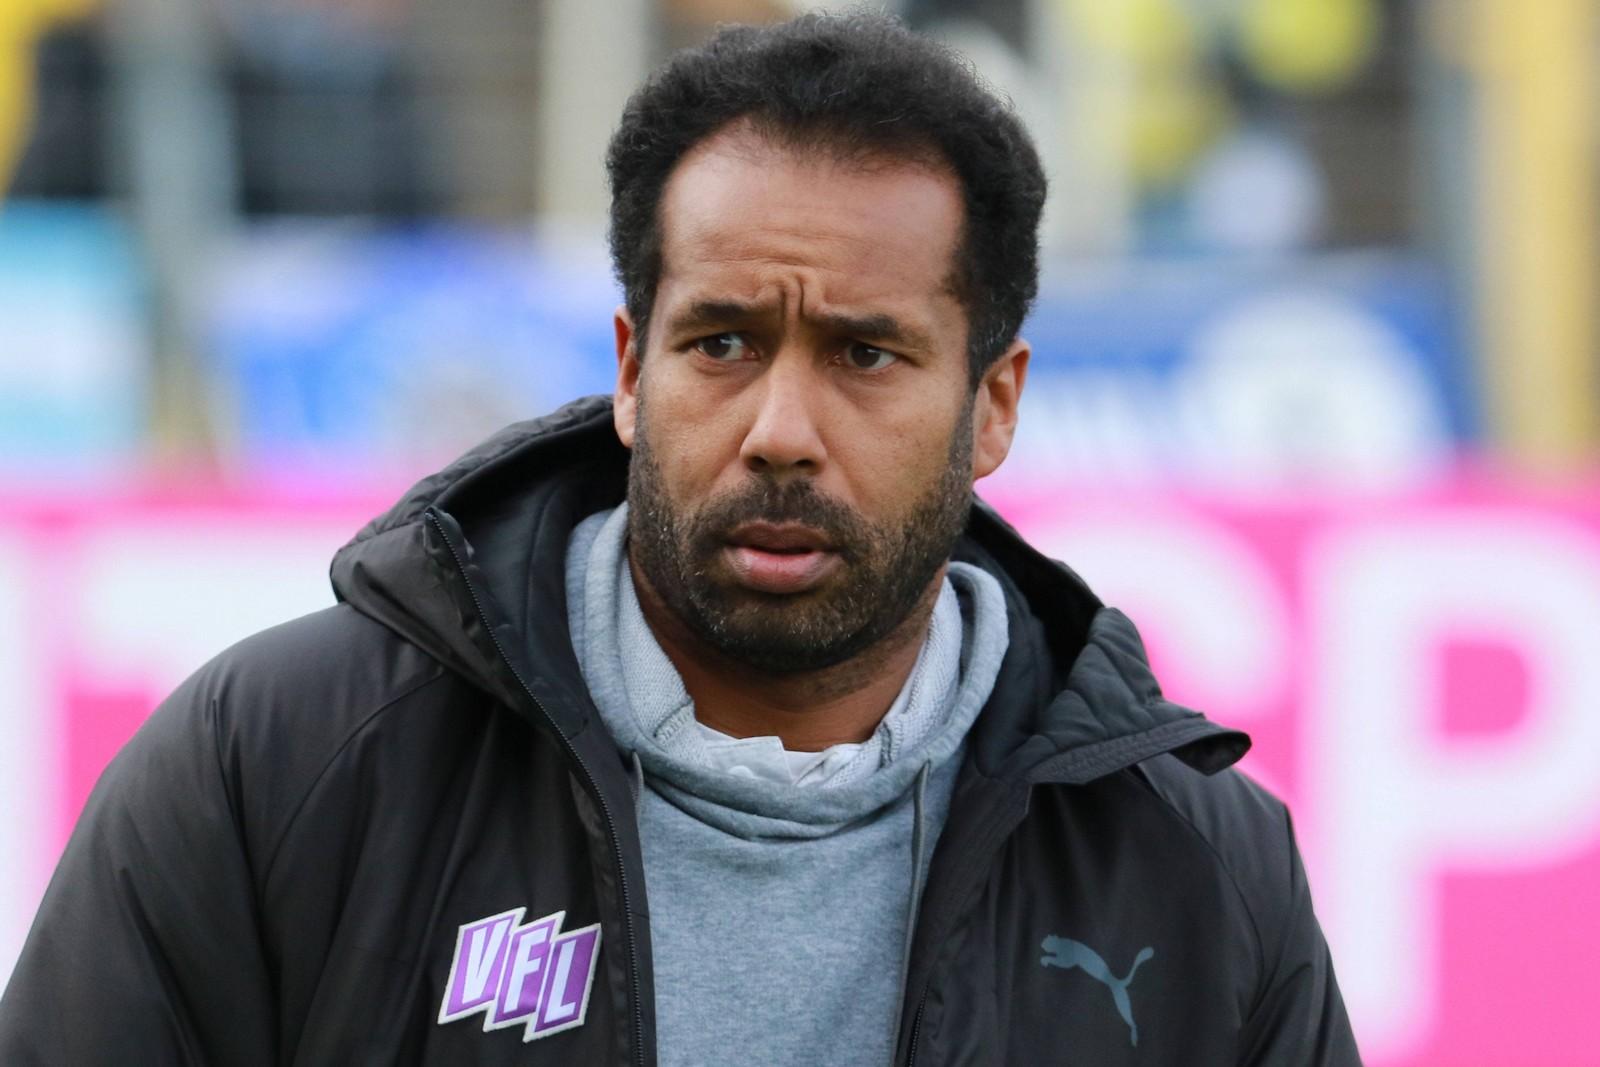 Vfl-Coach Daniel Thioune.